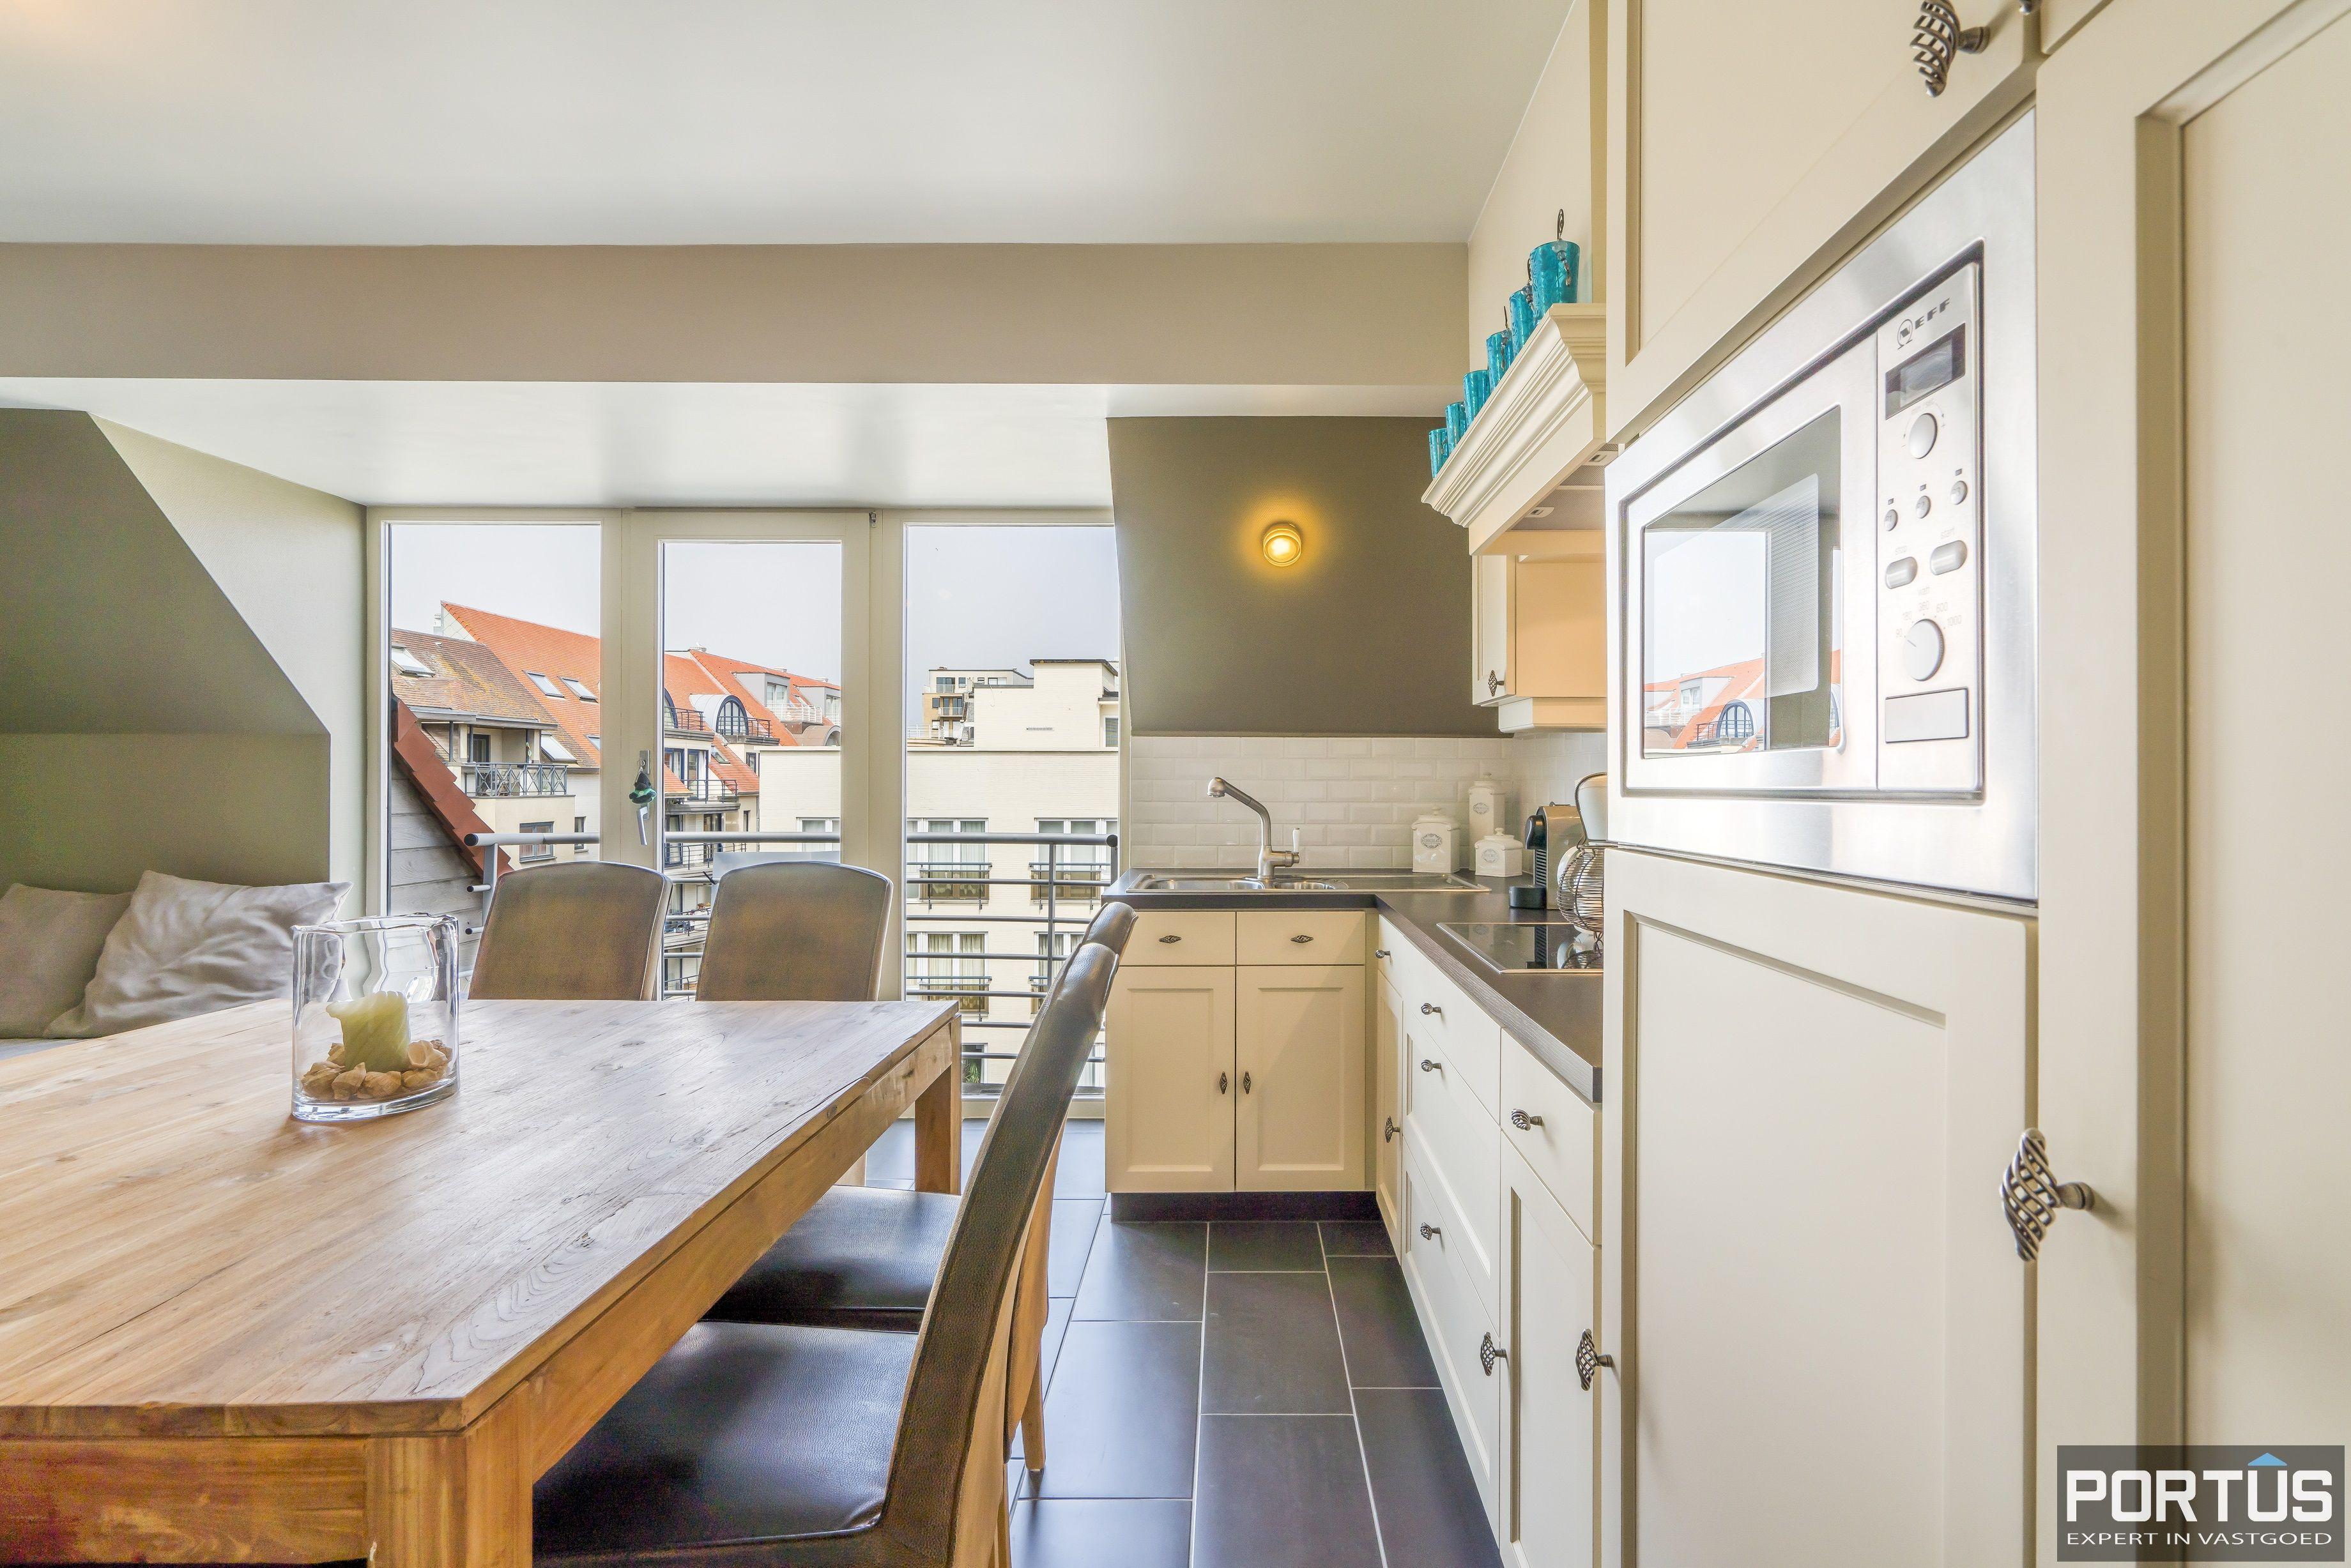 Appartement op wandelafstand van het strand te koop te Nieuwpoort-Bad - 13539